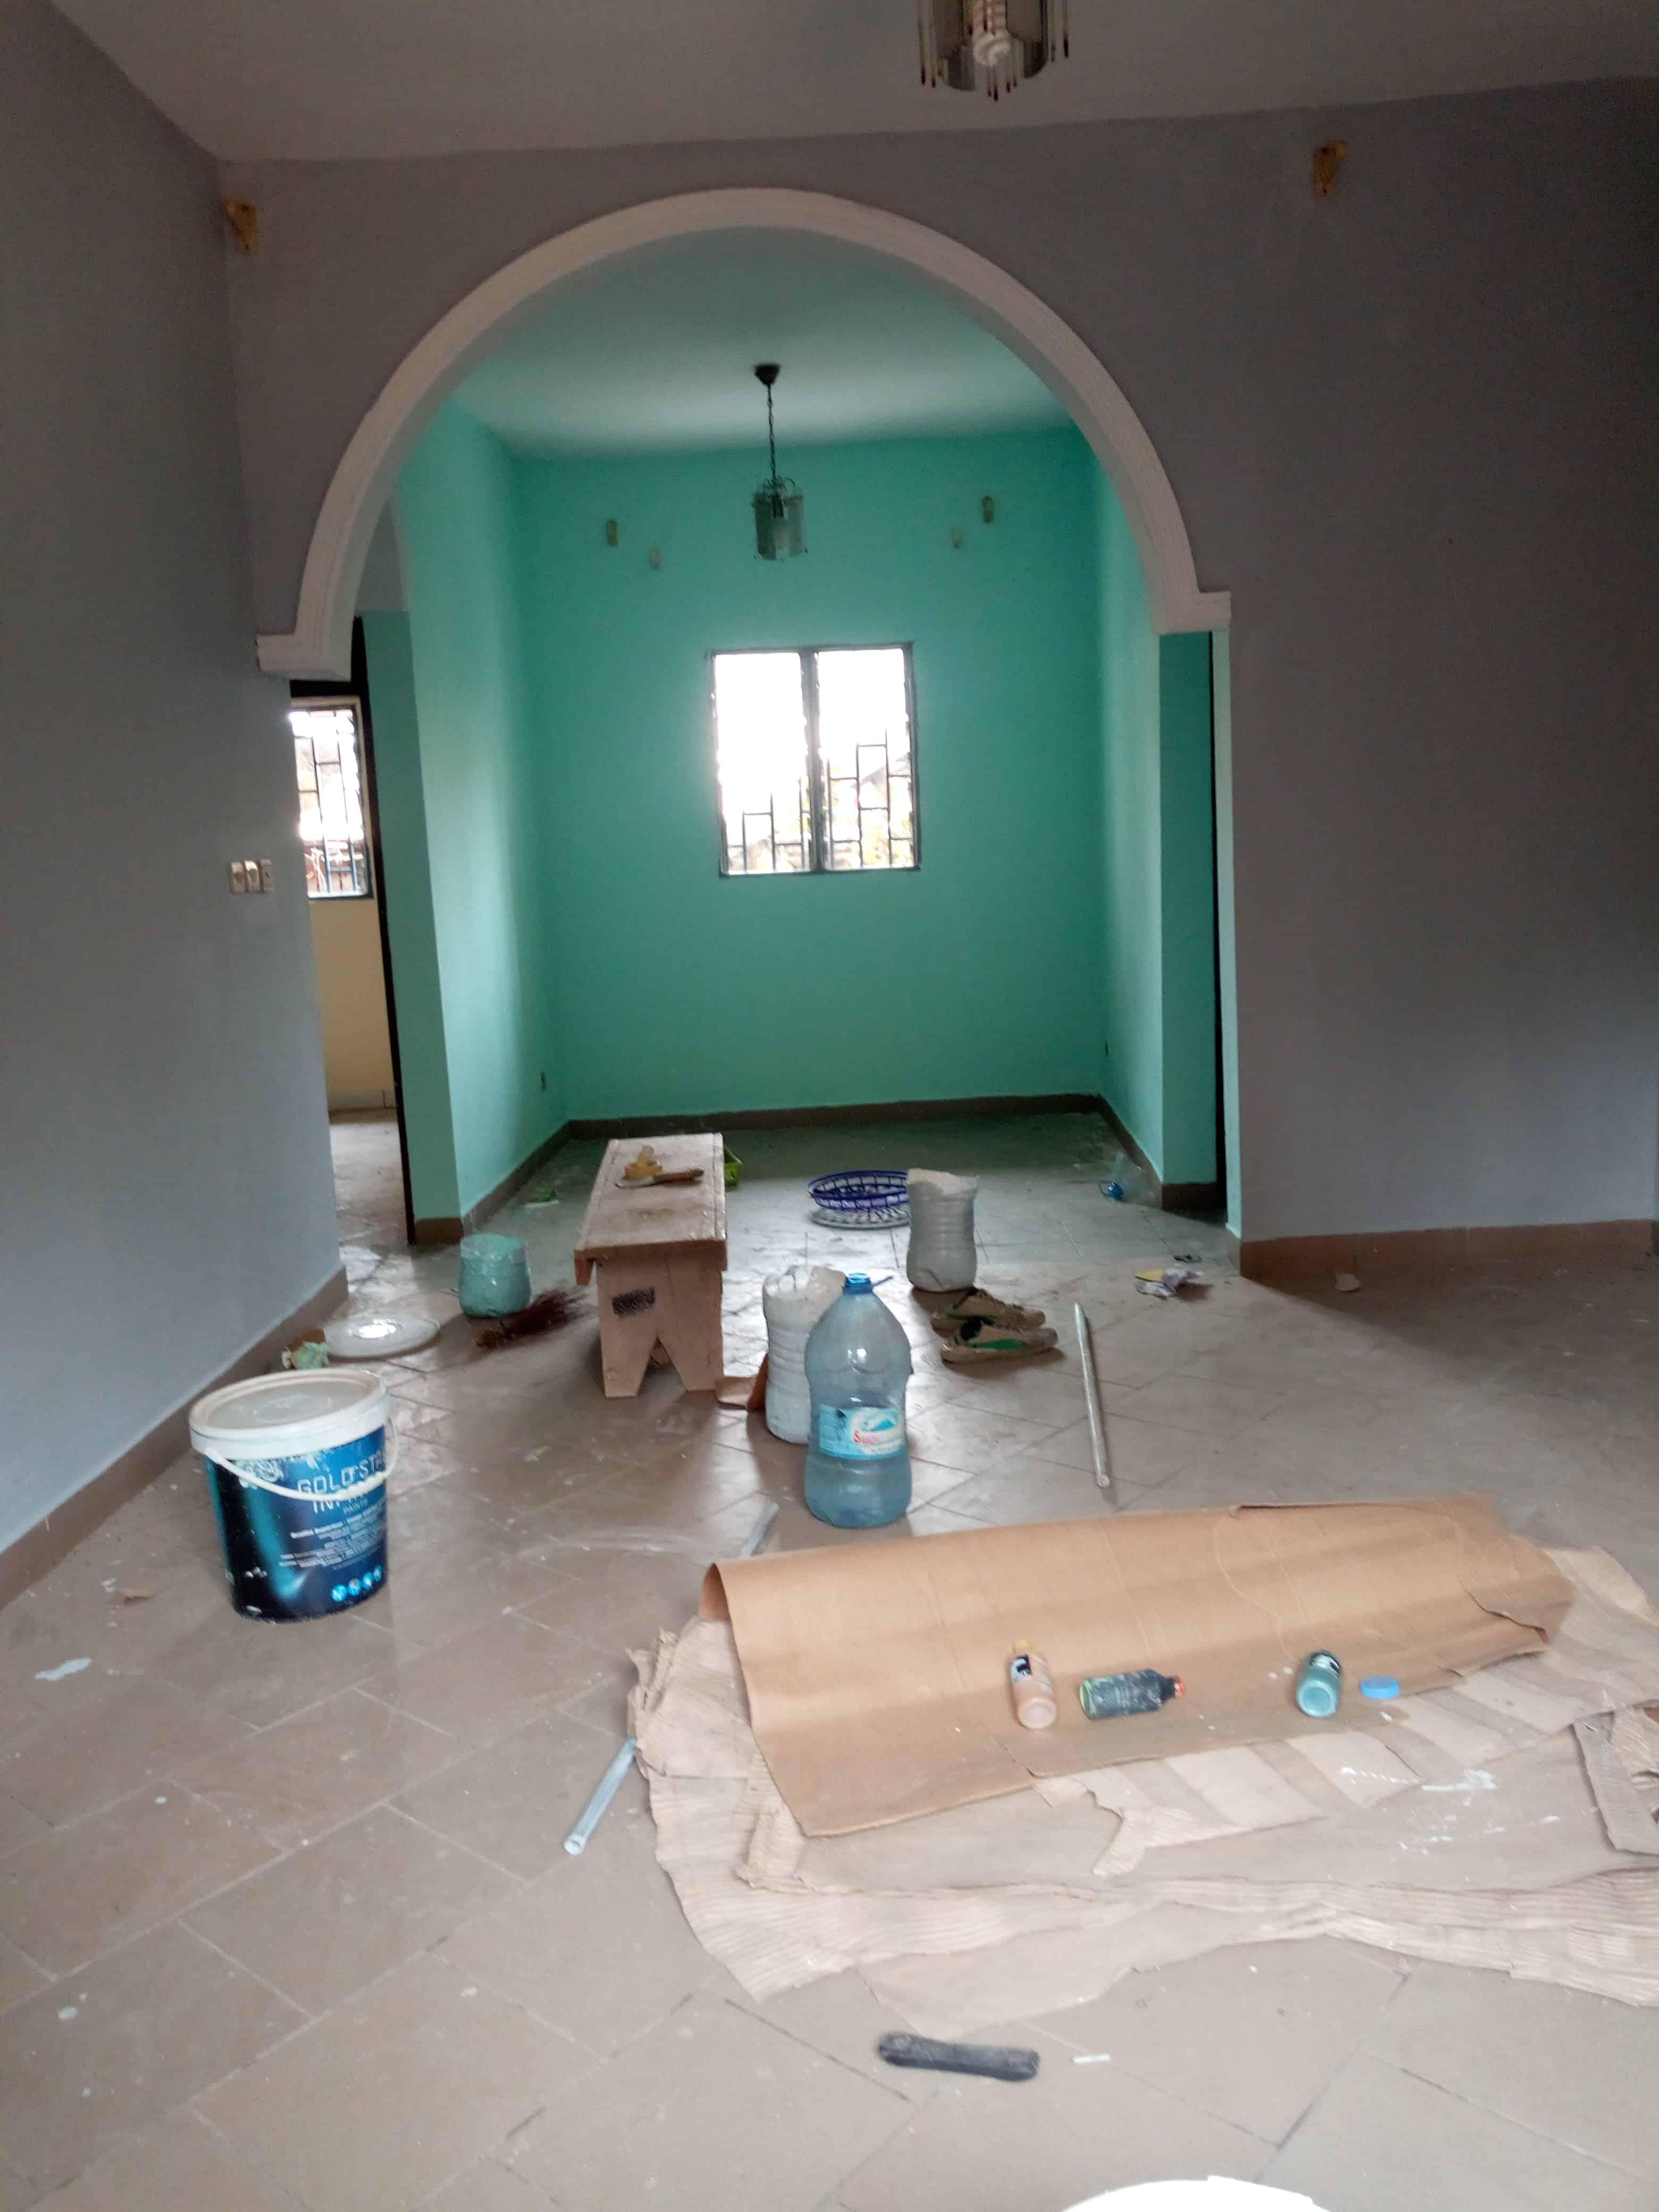 Appartement à louer - Douala, Makepe, Rond pauleng - 1 salon(s), 2 chambre(s), 1 salle(s) de bains - 100 000 FCFA / mois